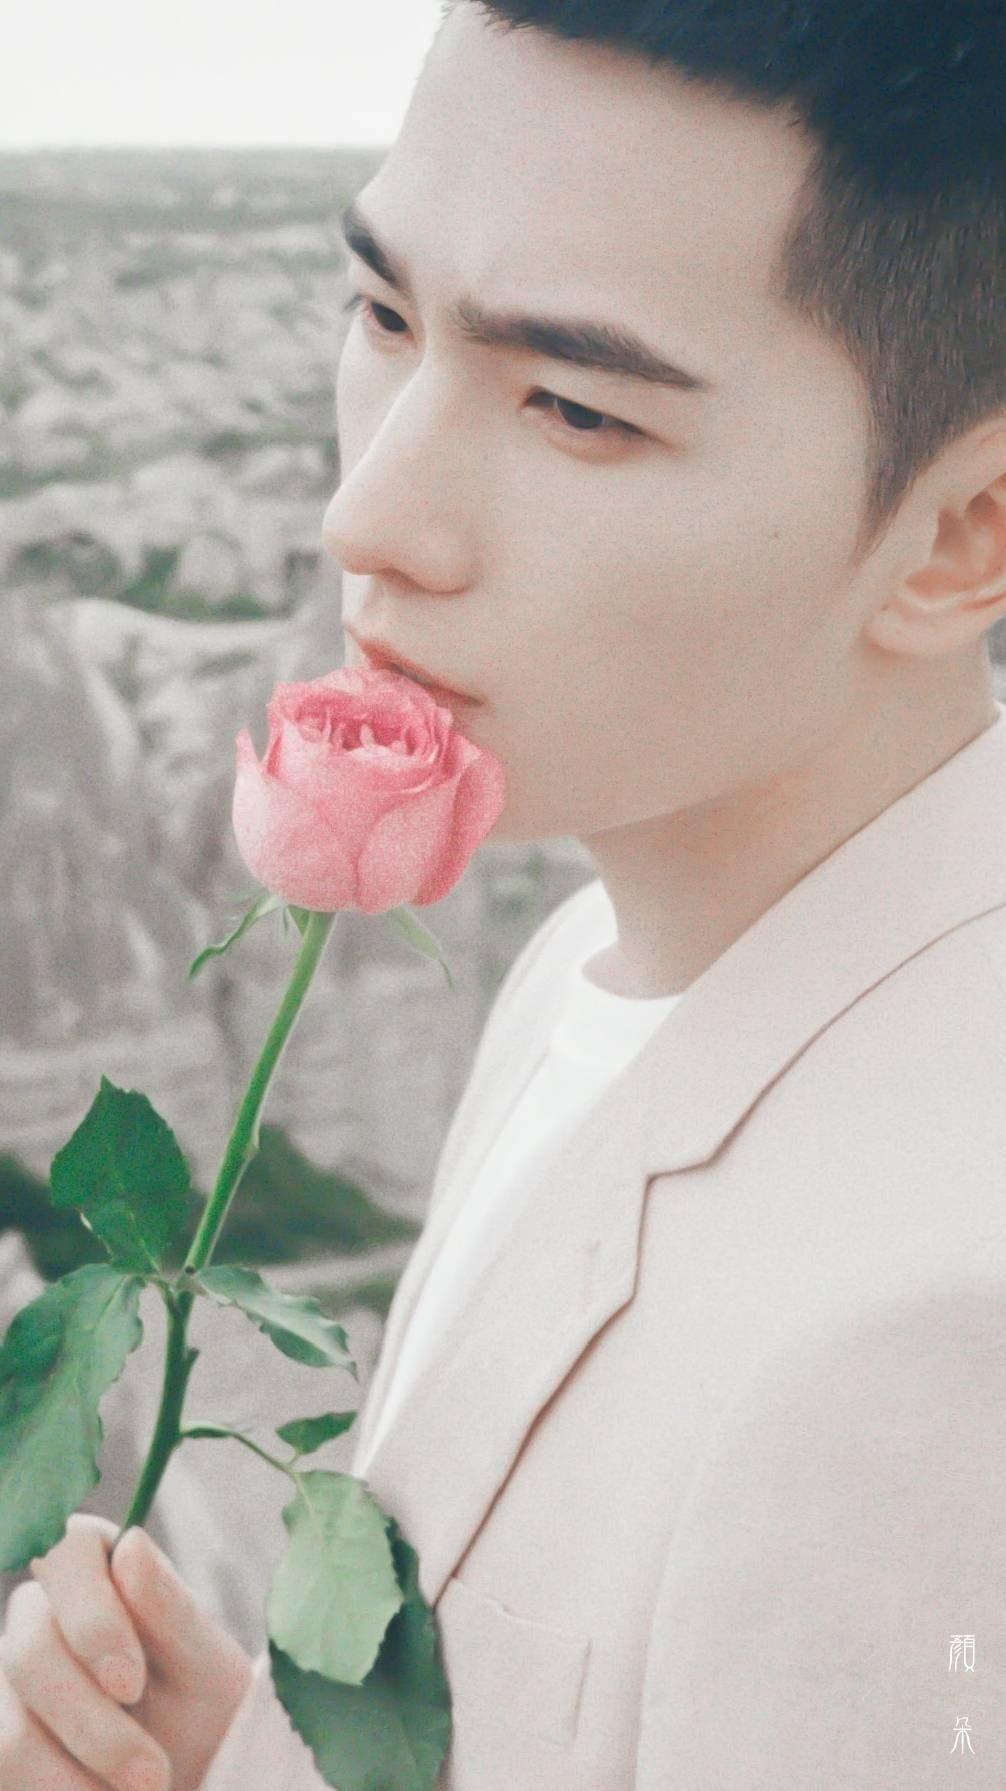 12 trai đẹp Cbiz cầm hoa tỏ tình, chàng trai nào khiến bạn gật đầu nguyện ý? 5